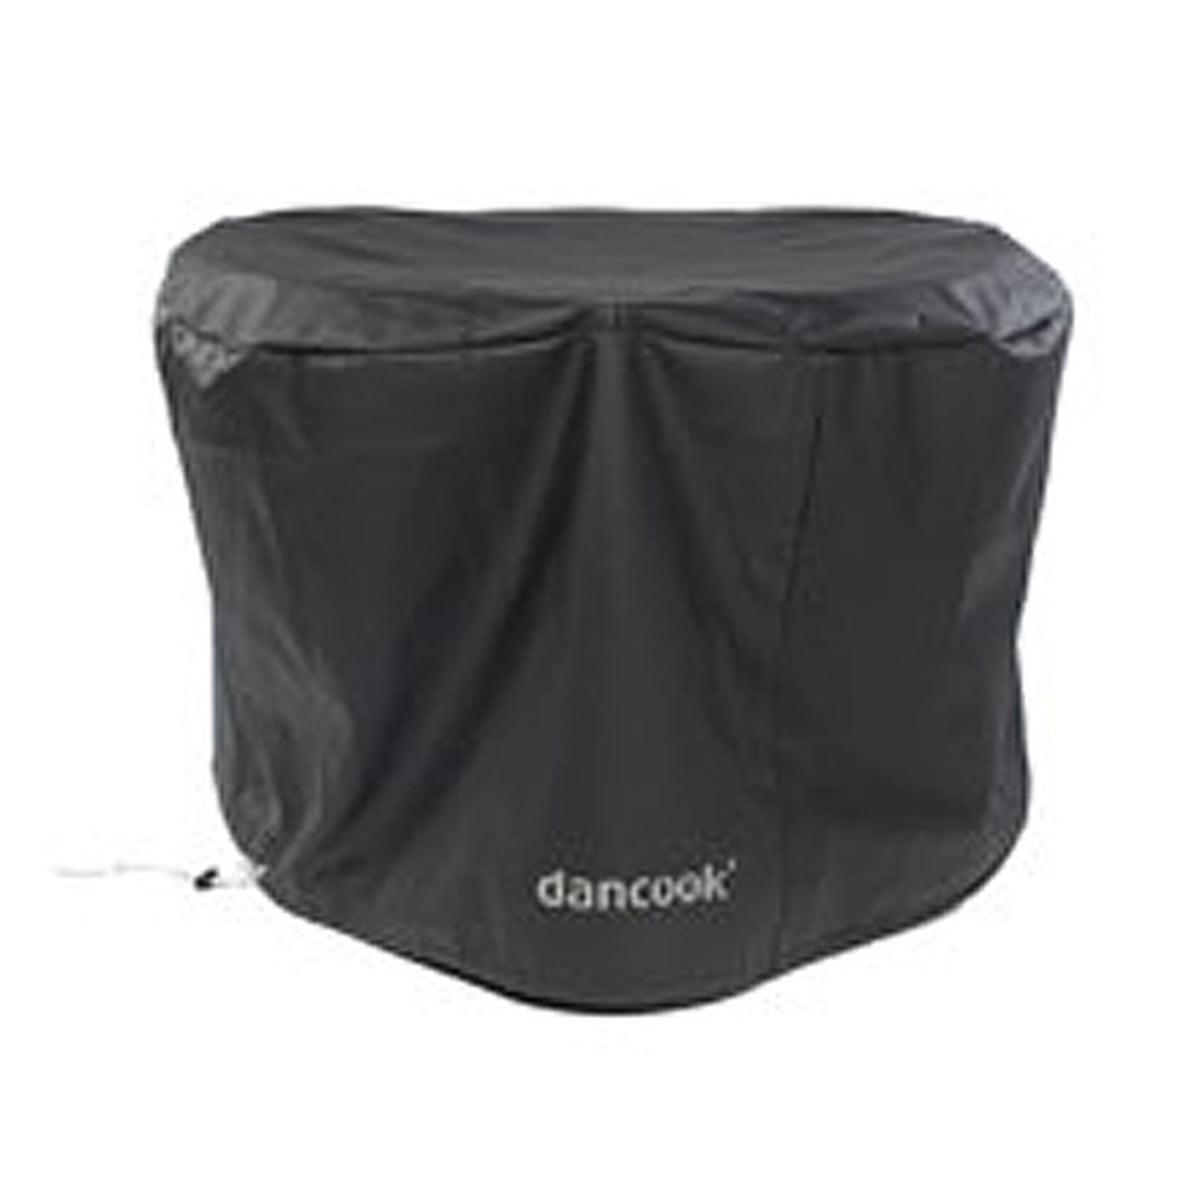 Dancook - Wetterschutzhaube für 9000 Grill- und Feuerstelle | Garten | Schwarz | Dancook